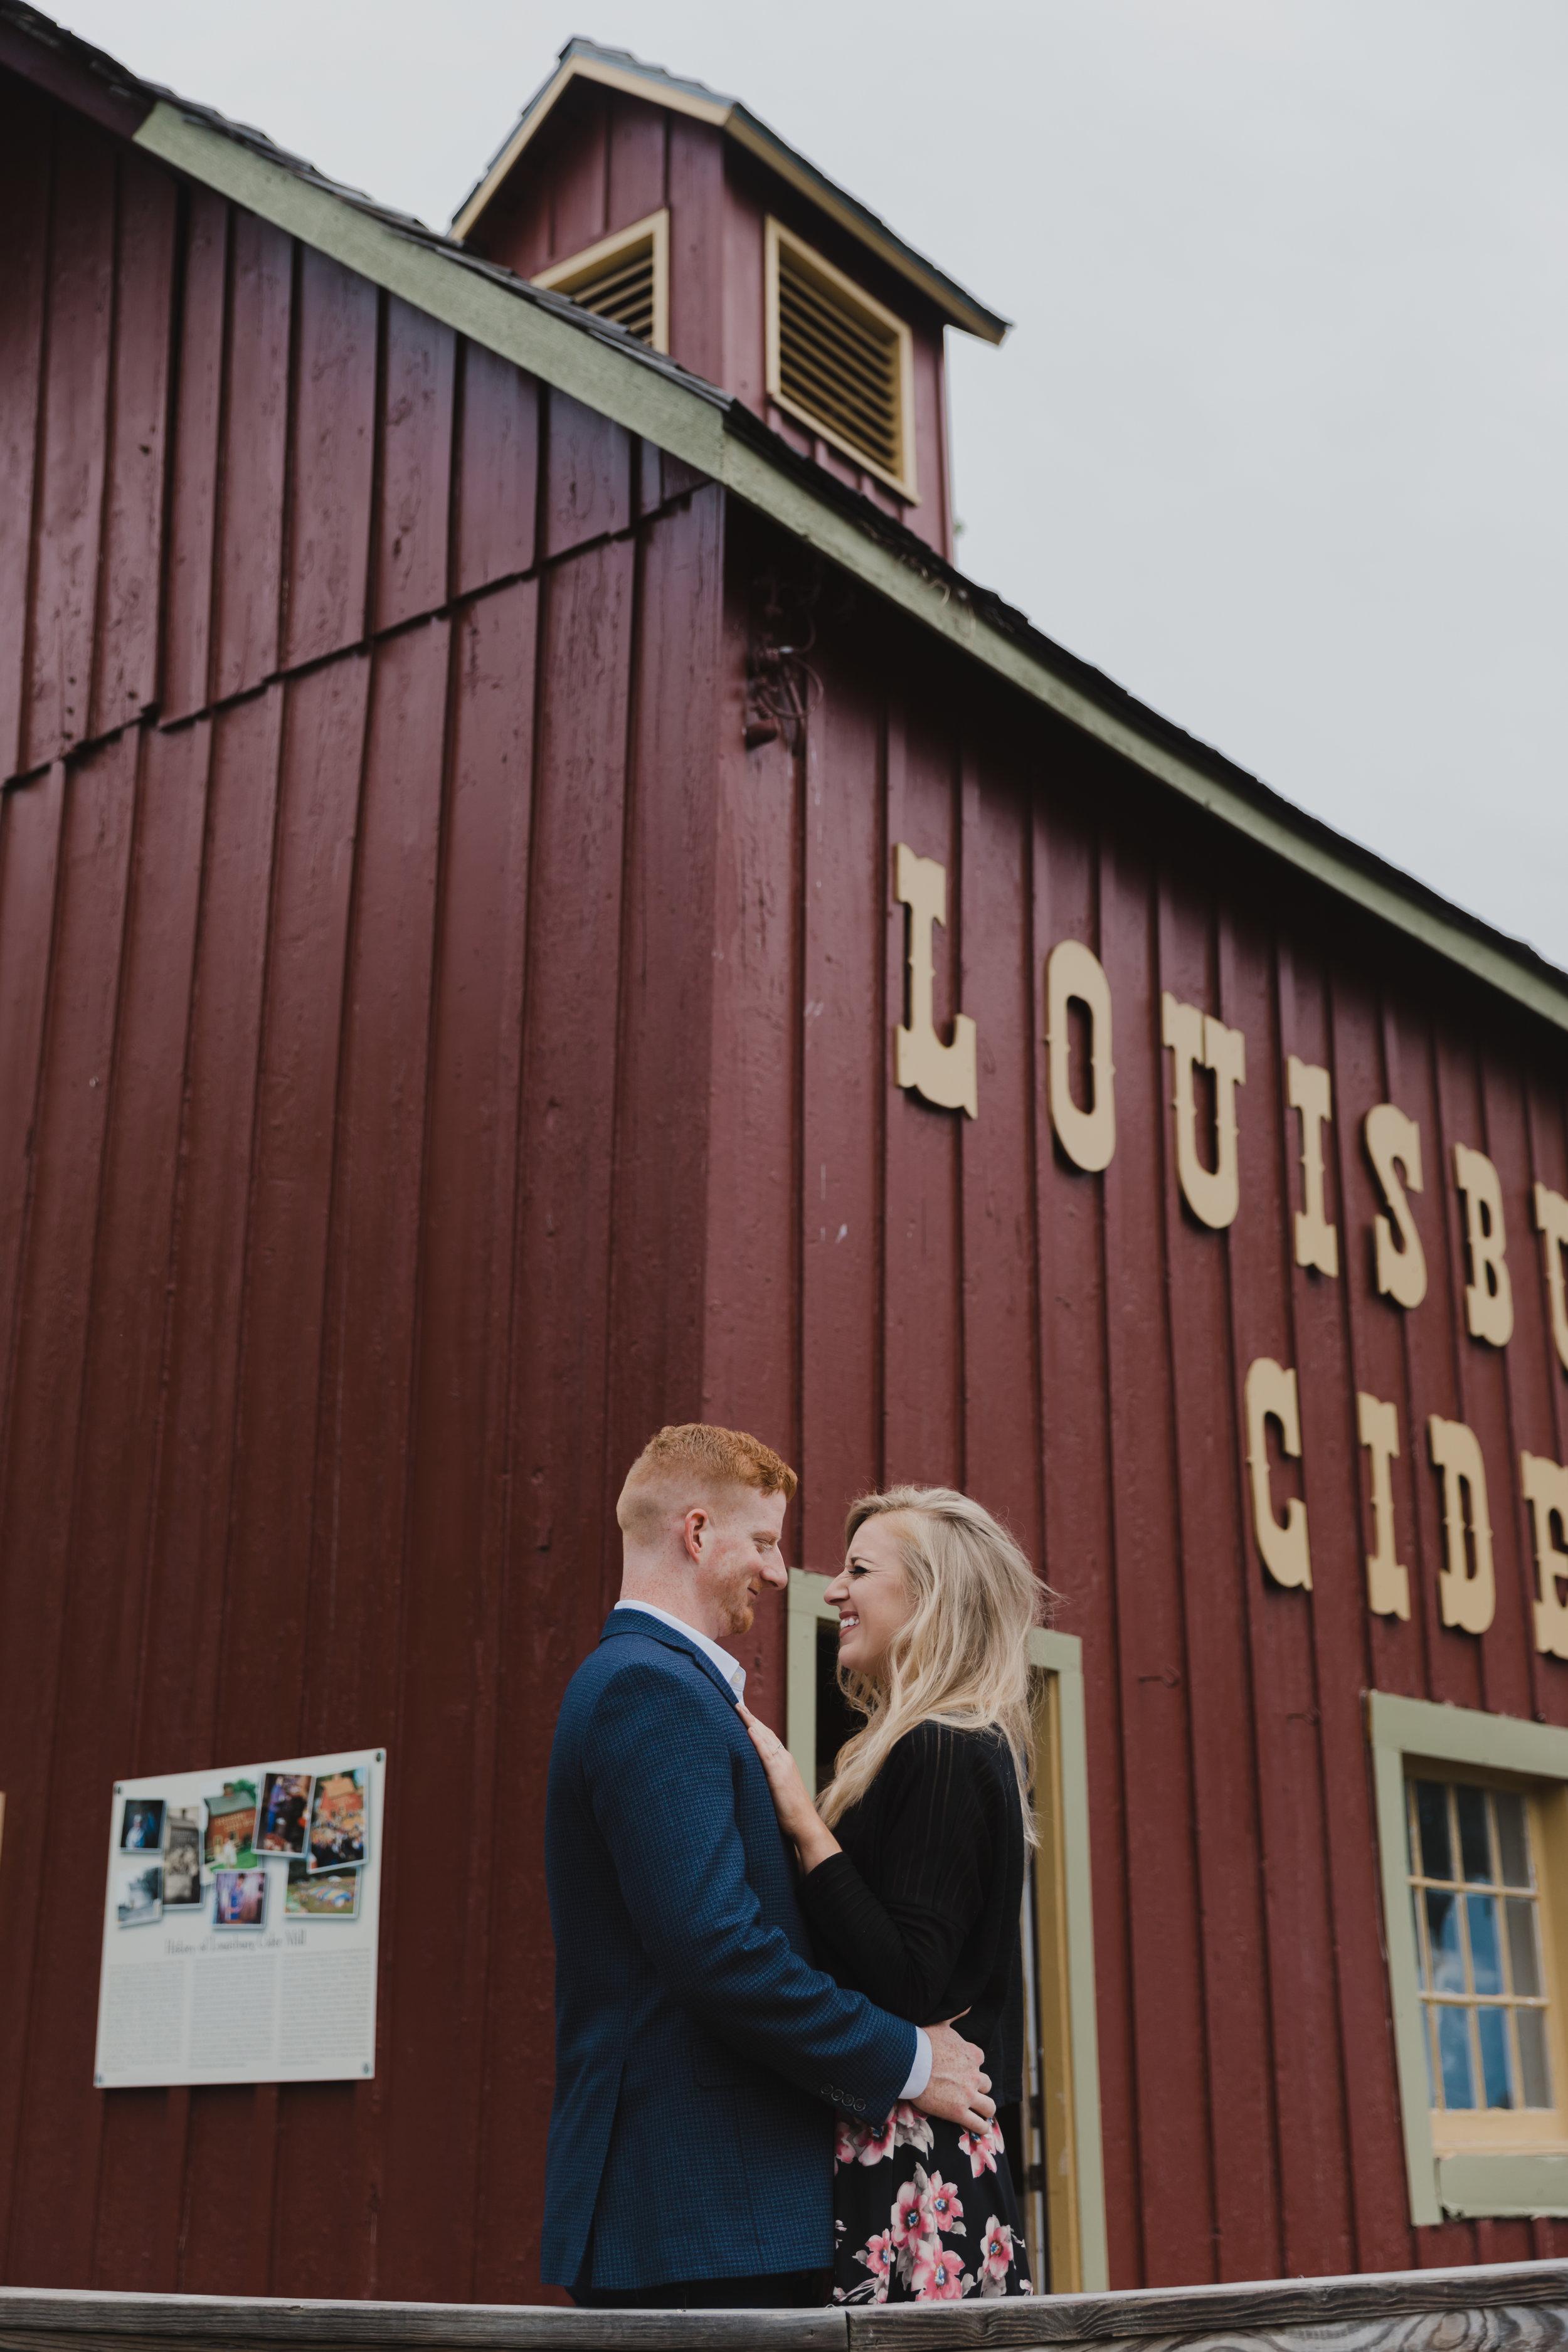 Tyler&KarolineLouisburgCiderMillEngagementSession-7.jpg